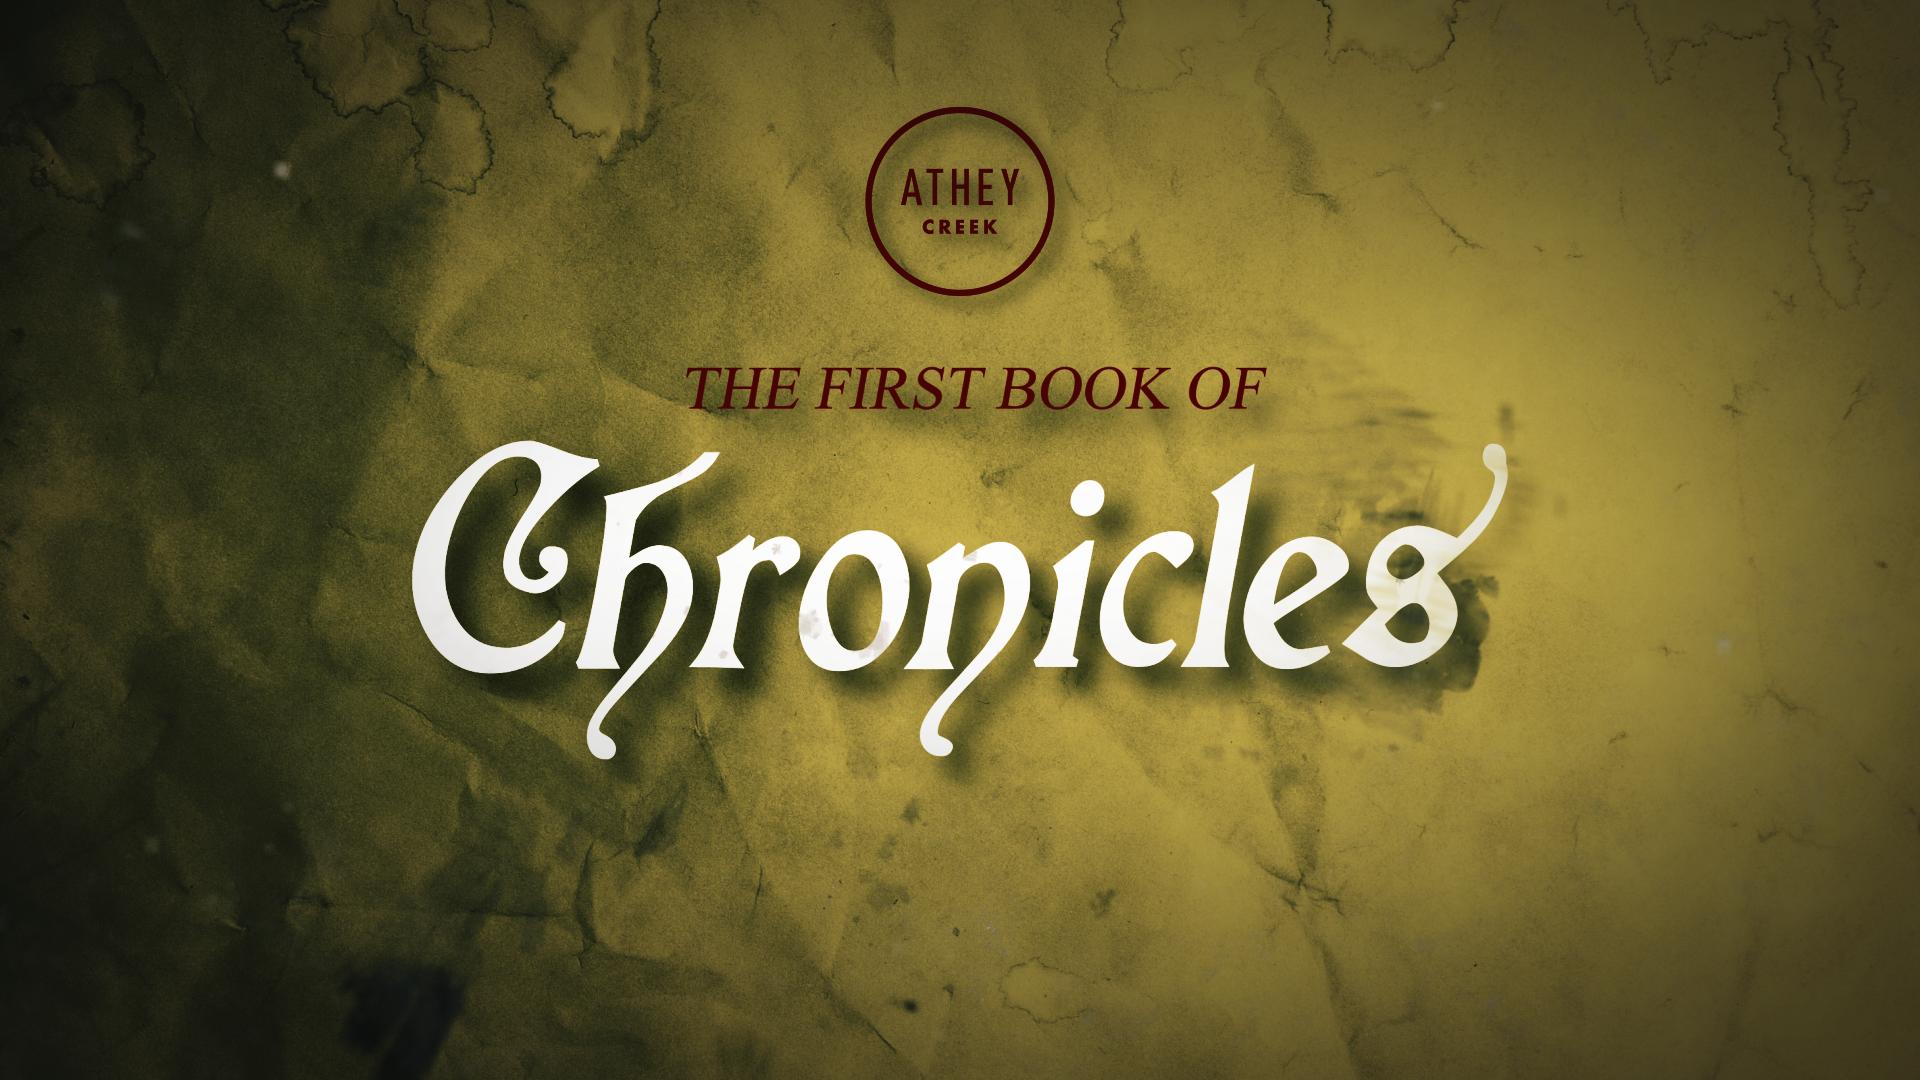 Teaching artwork for 1 Chronicles